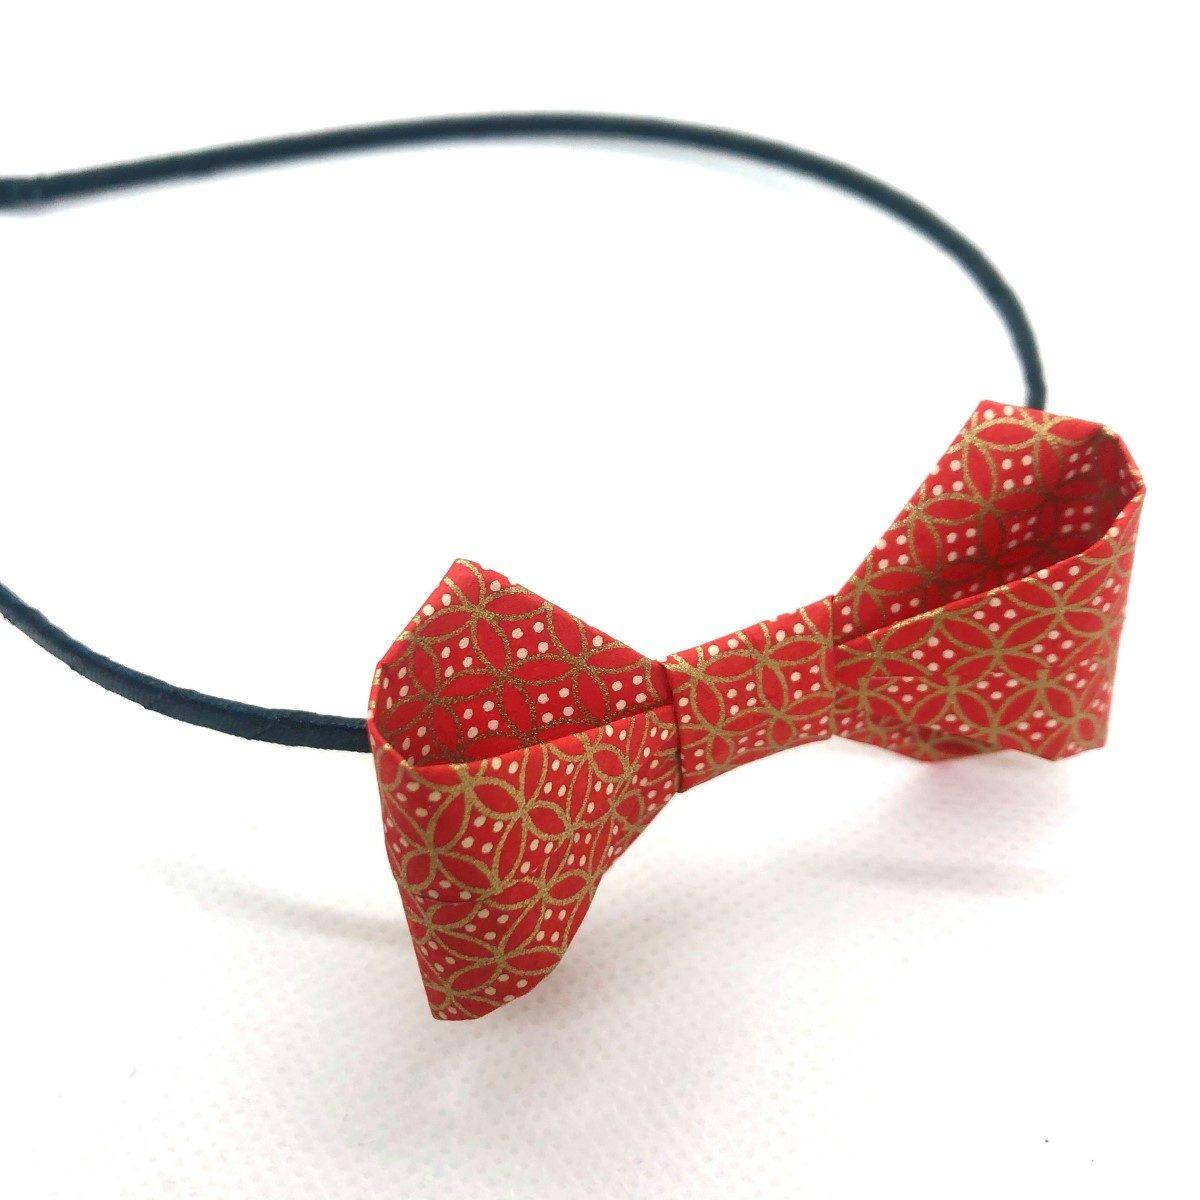 Serre-tête avec nœud en origami rouge et doré